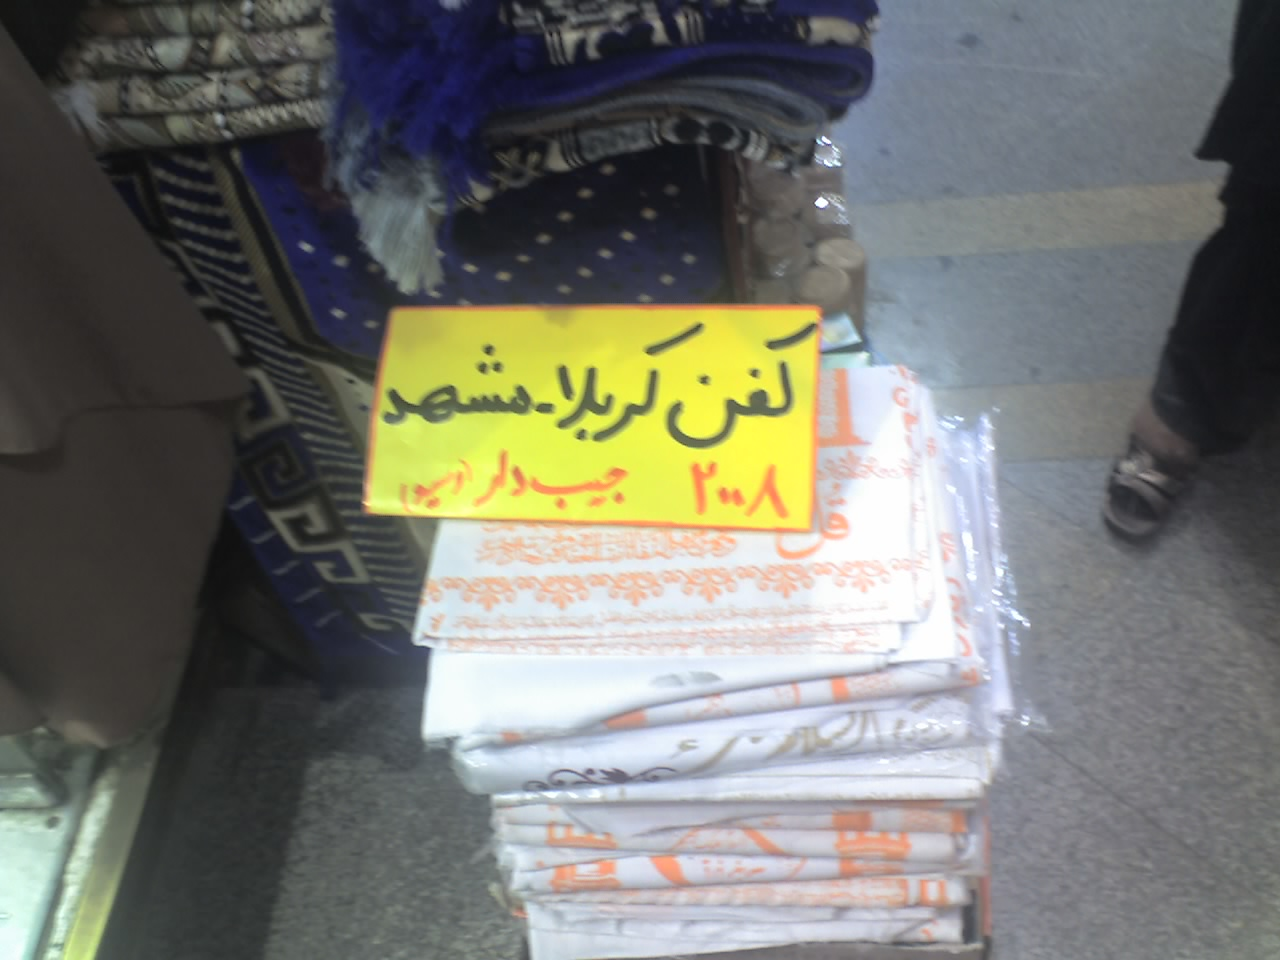 سوتی های خنده دار ایرانی